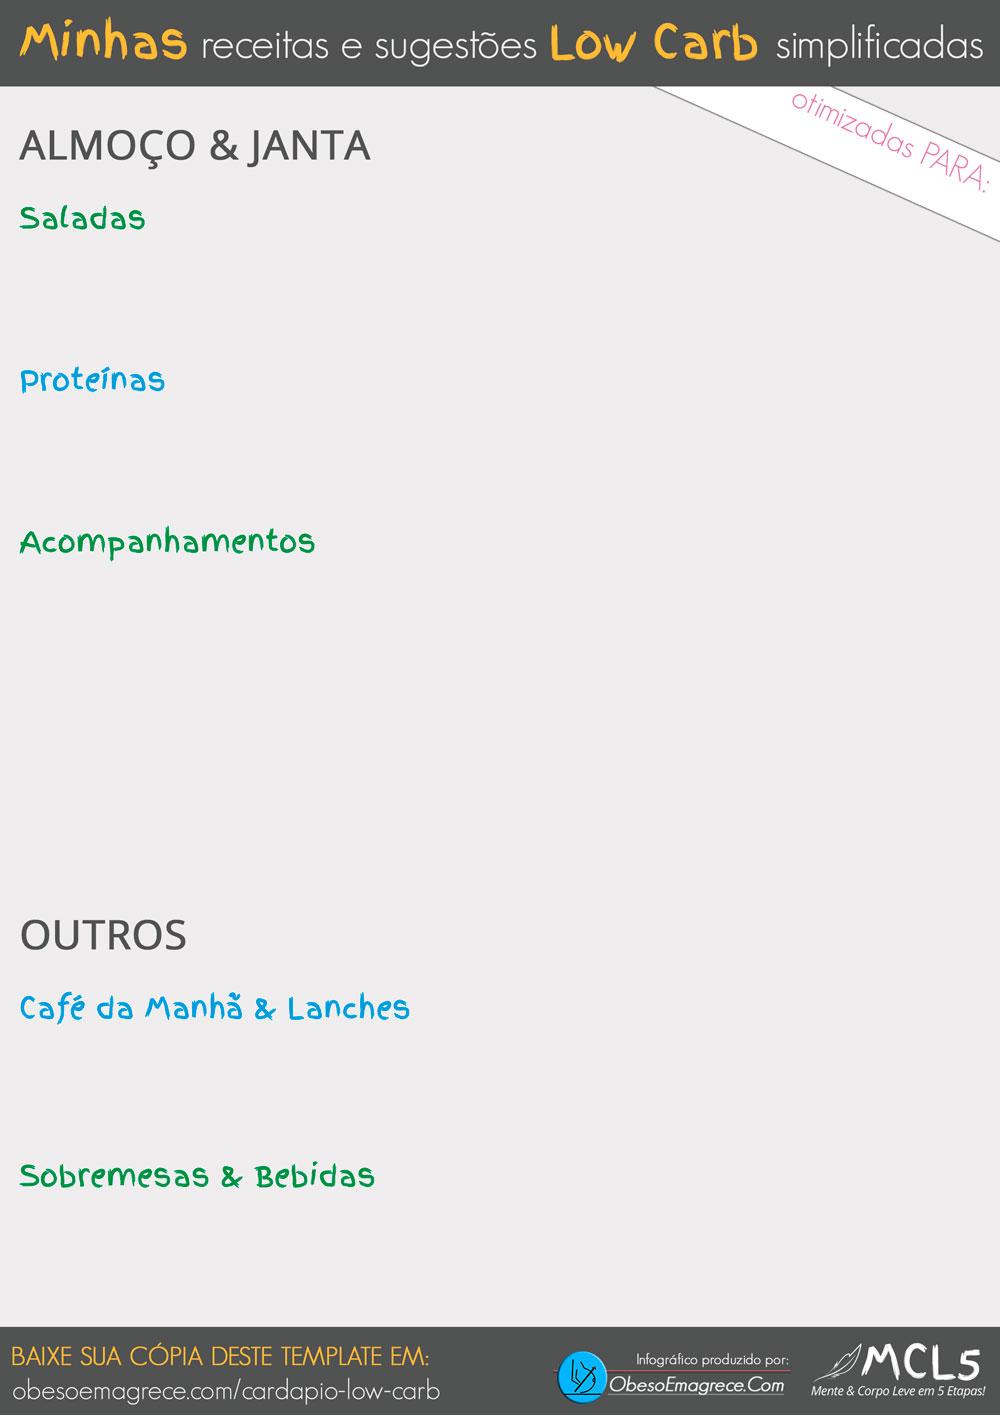 cardápio low carb para emagrecer - infográfico#7: minhas receitas e sugestões low carb simplificadas em tamanho grande